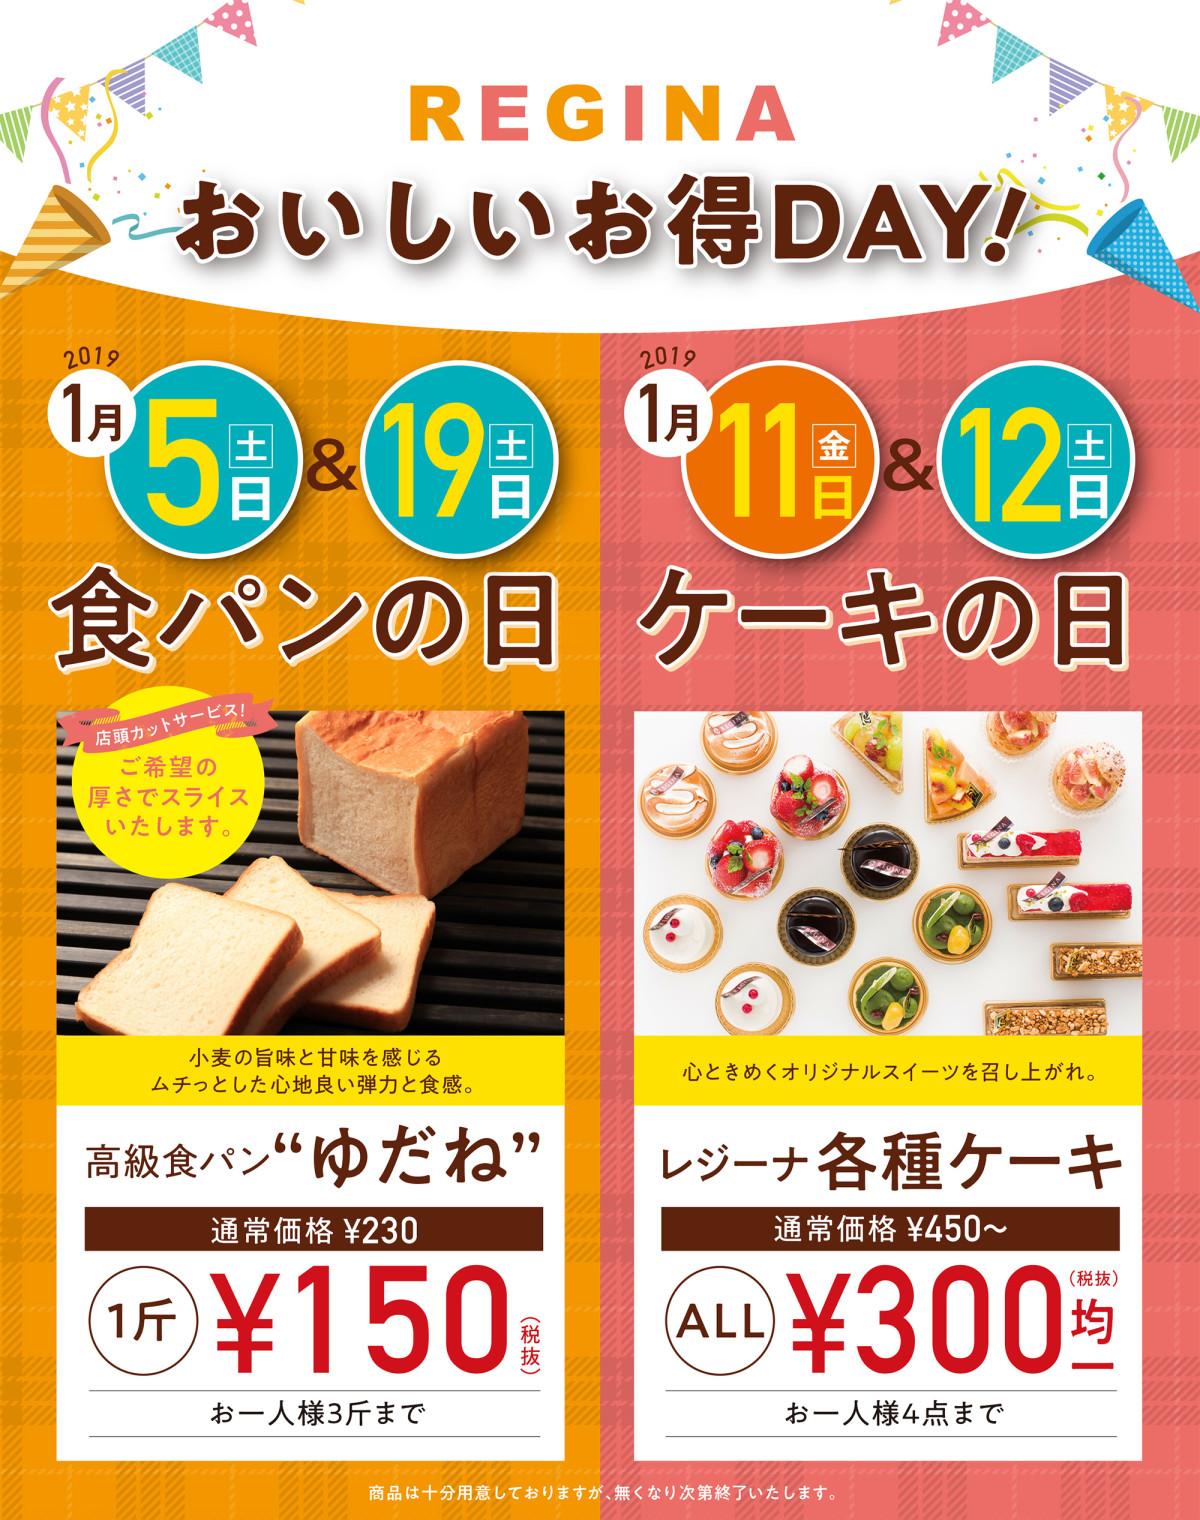 1月5日(土)と1月19日(土)は食パンの日! なんと1斤150円!